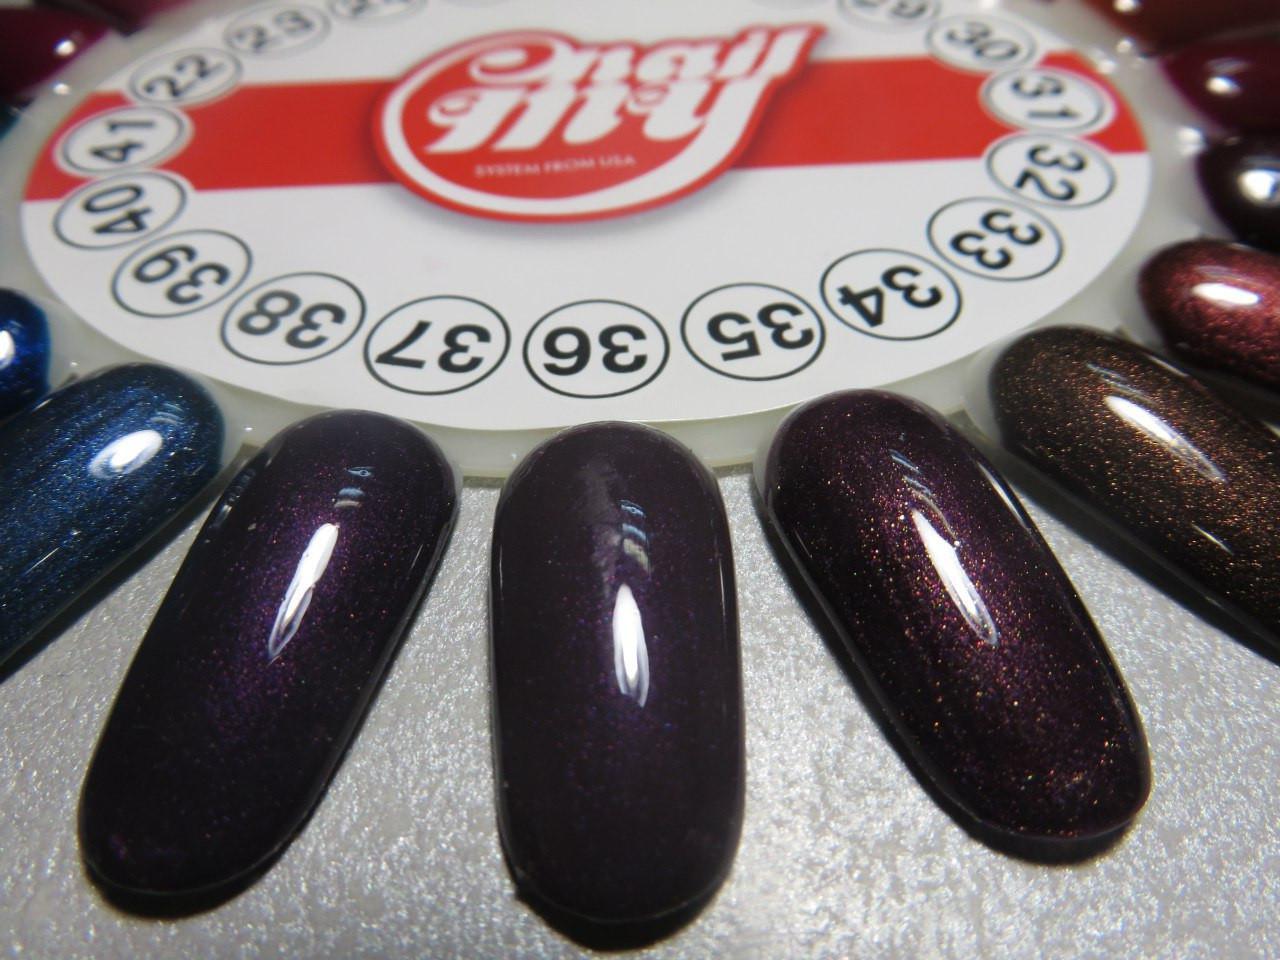 gl1 | Гель-лаковое покрытие ногтей — плюсы и минусы